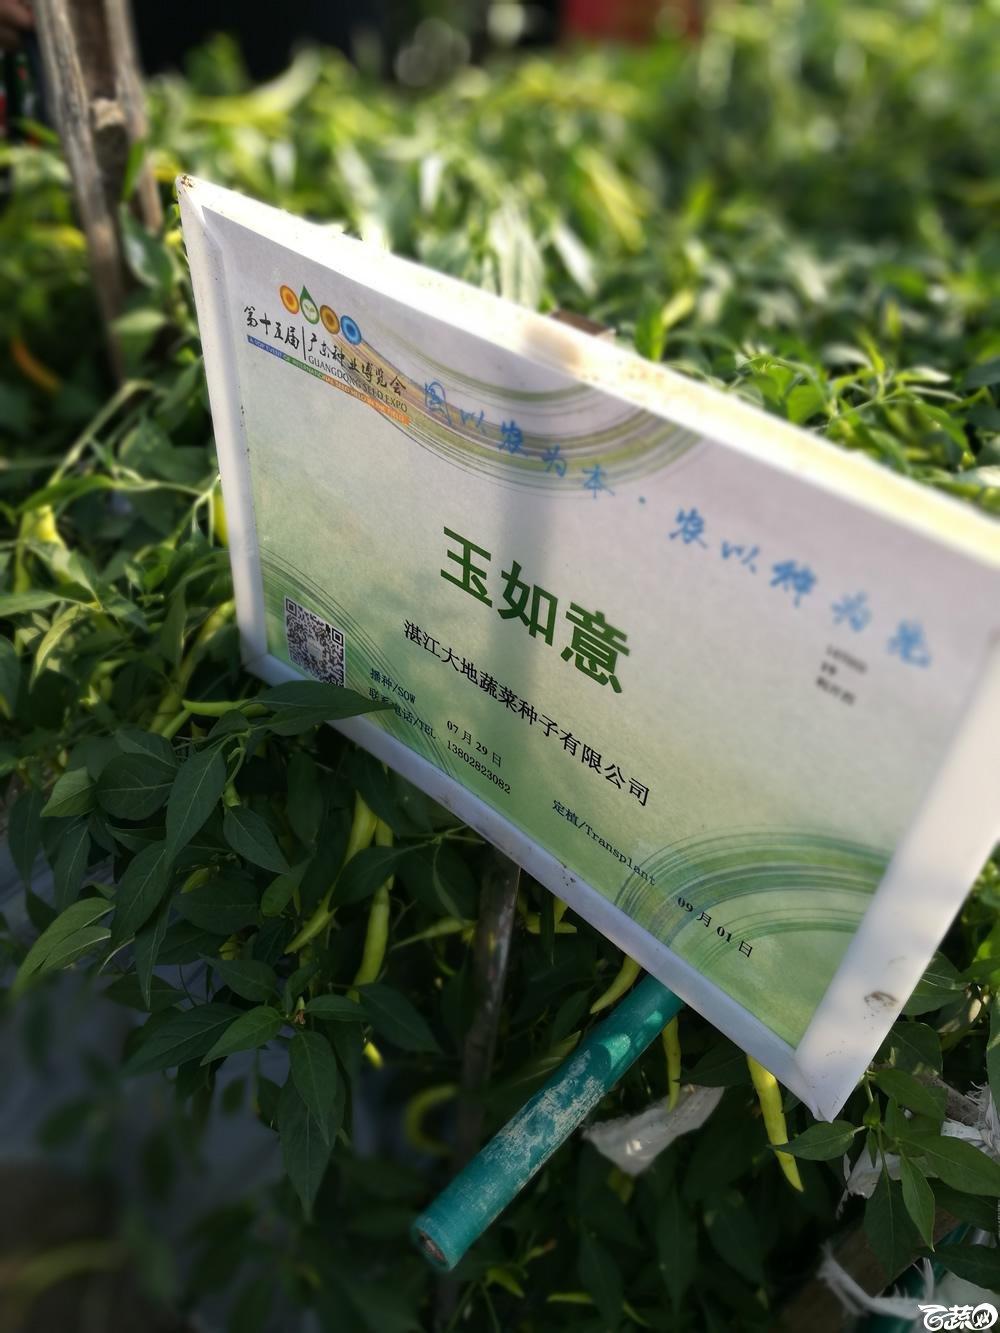 2016年15届广东种博会,湛江大地种业公司玉如意朝天椒_001.jpg